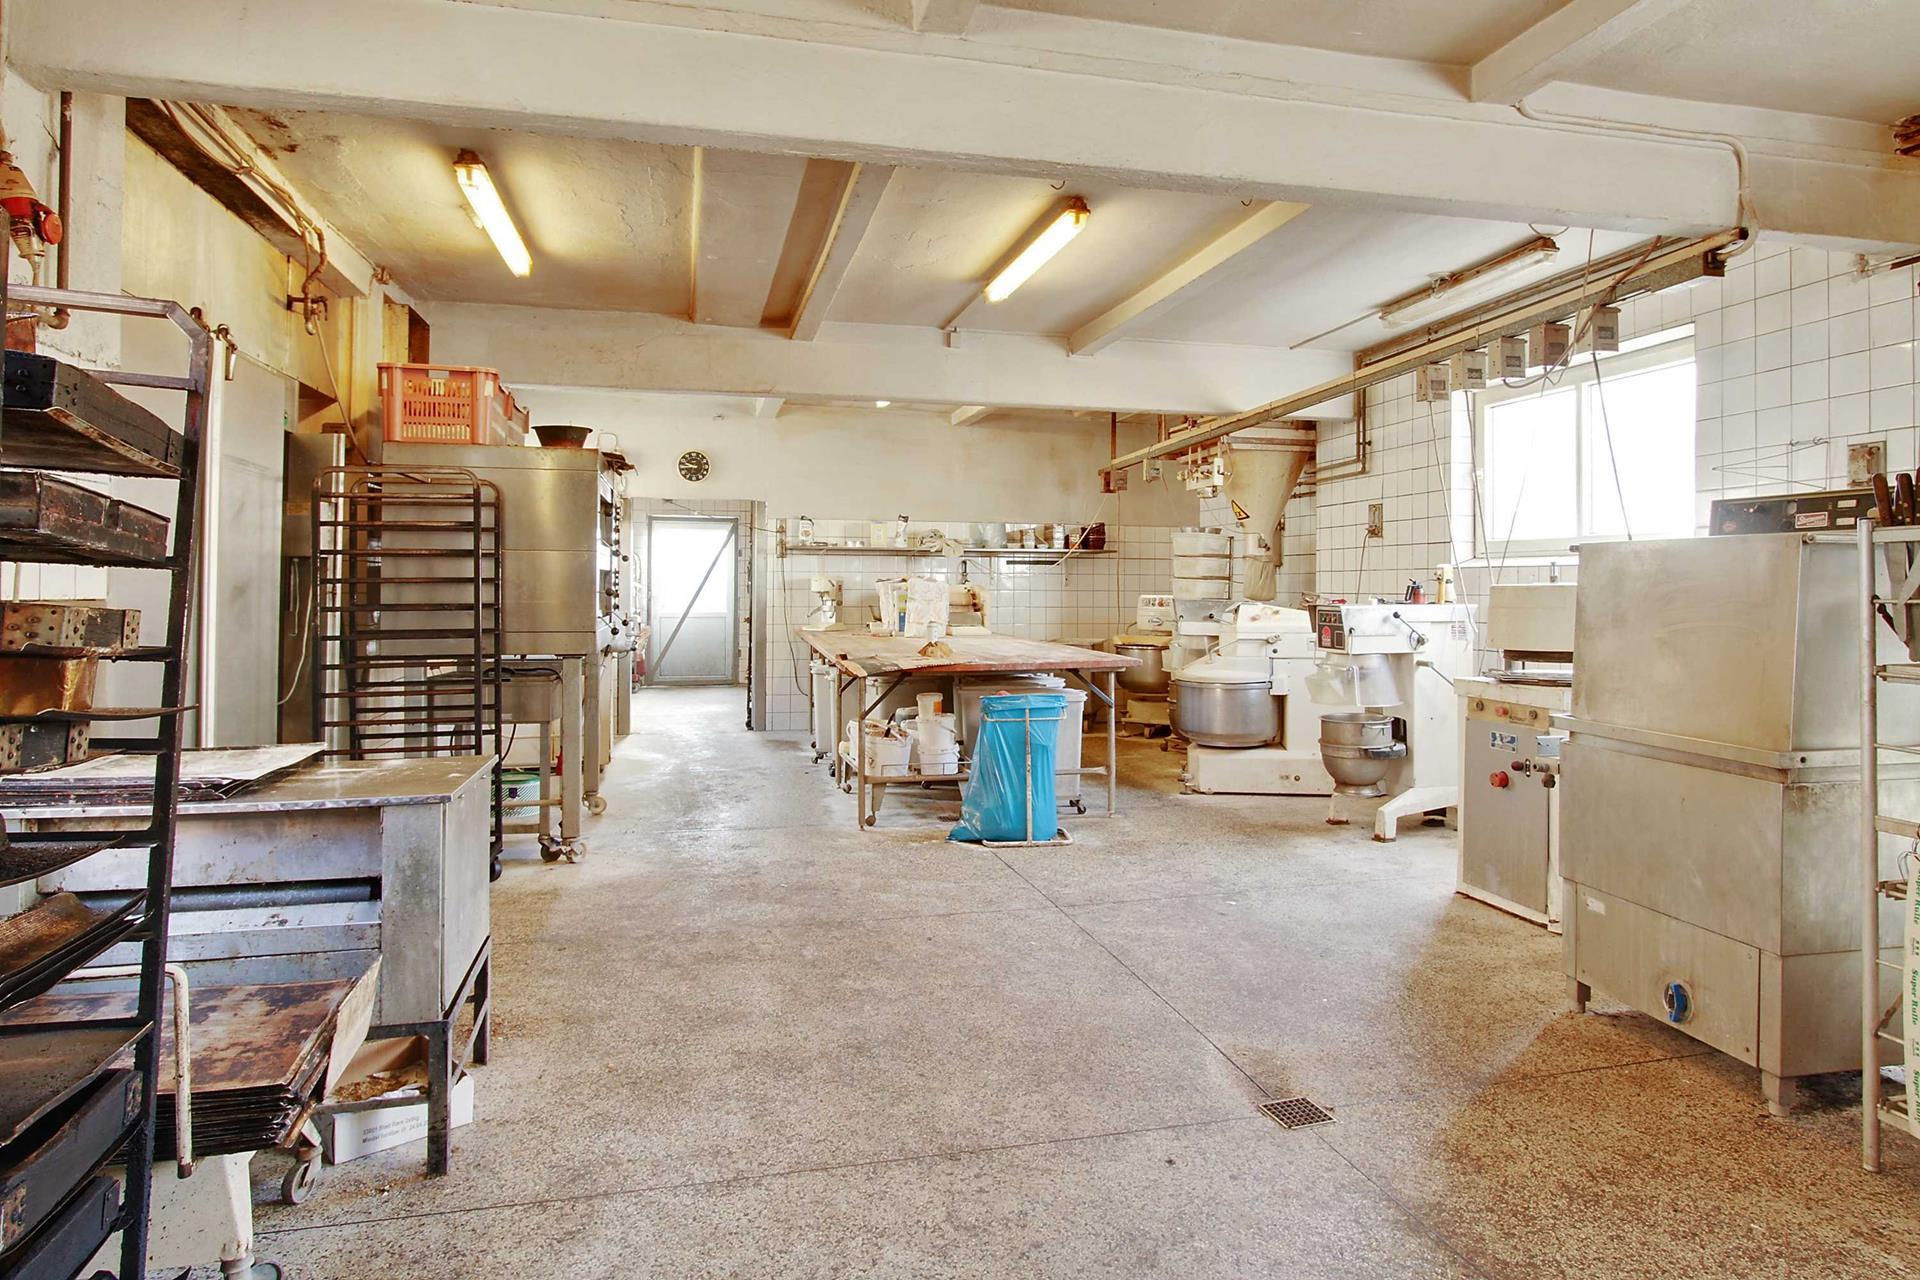 Bolig/erhverv på Storegade i Stege - Produktionslokale